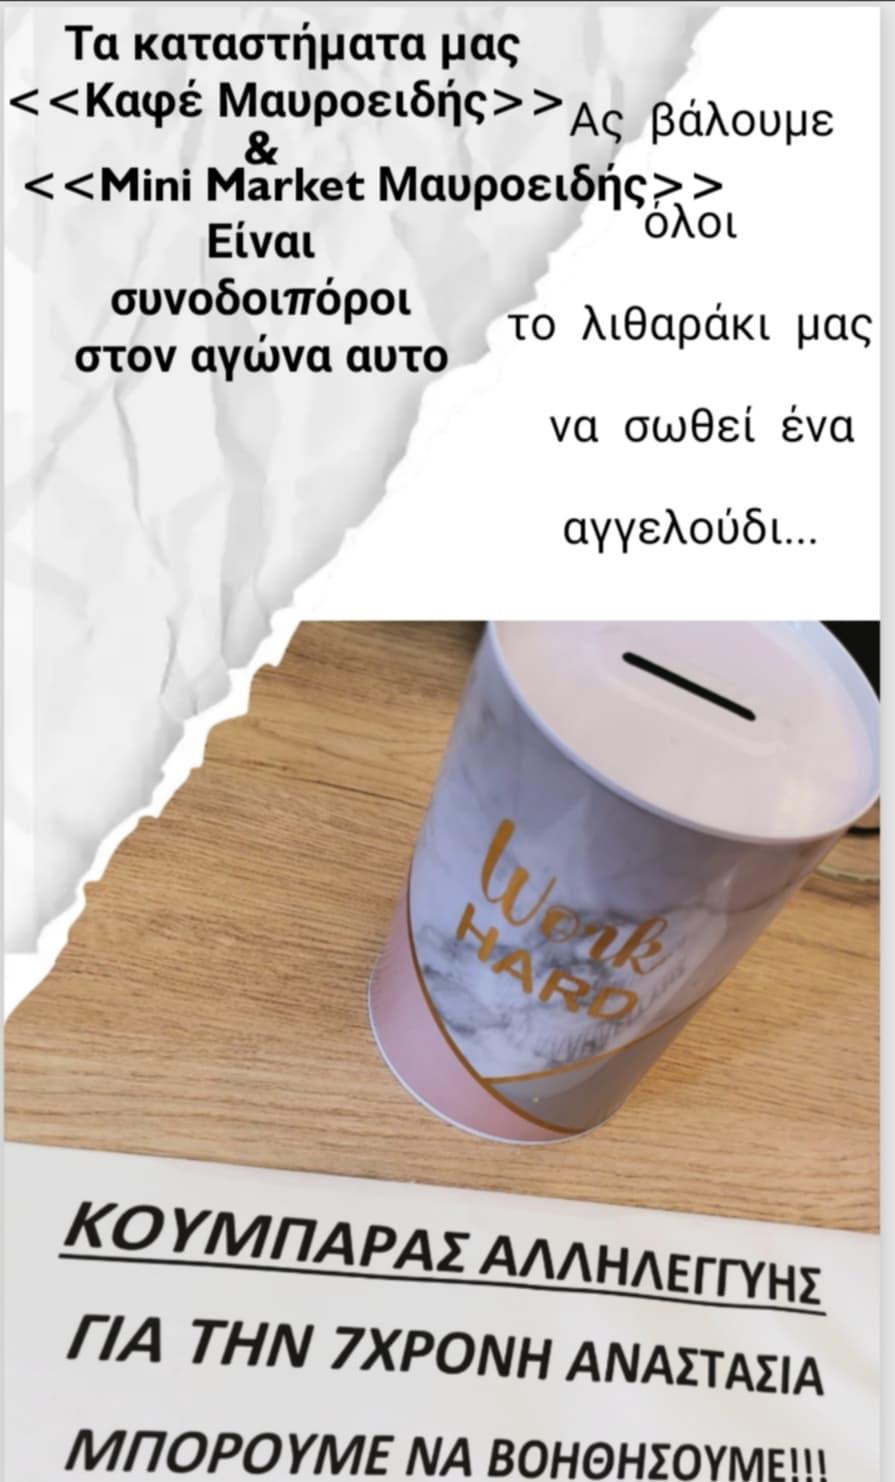 Κουμπαράς Αλληλεγγύης για την μικρή Αναστασία στα καταστήματα Μαυροειδής 8